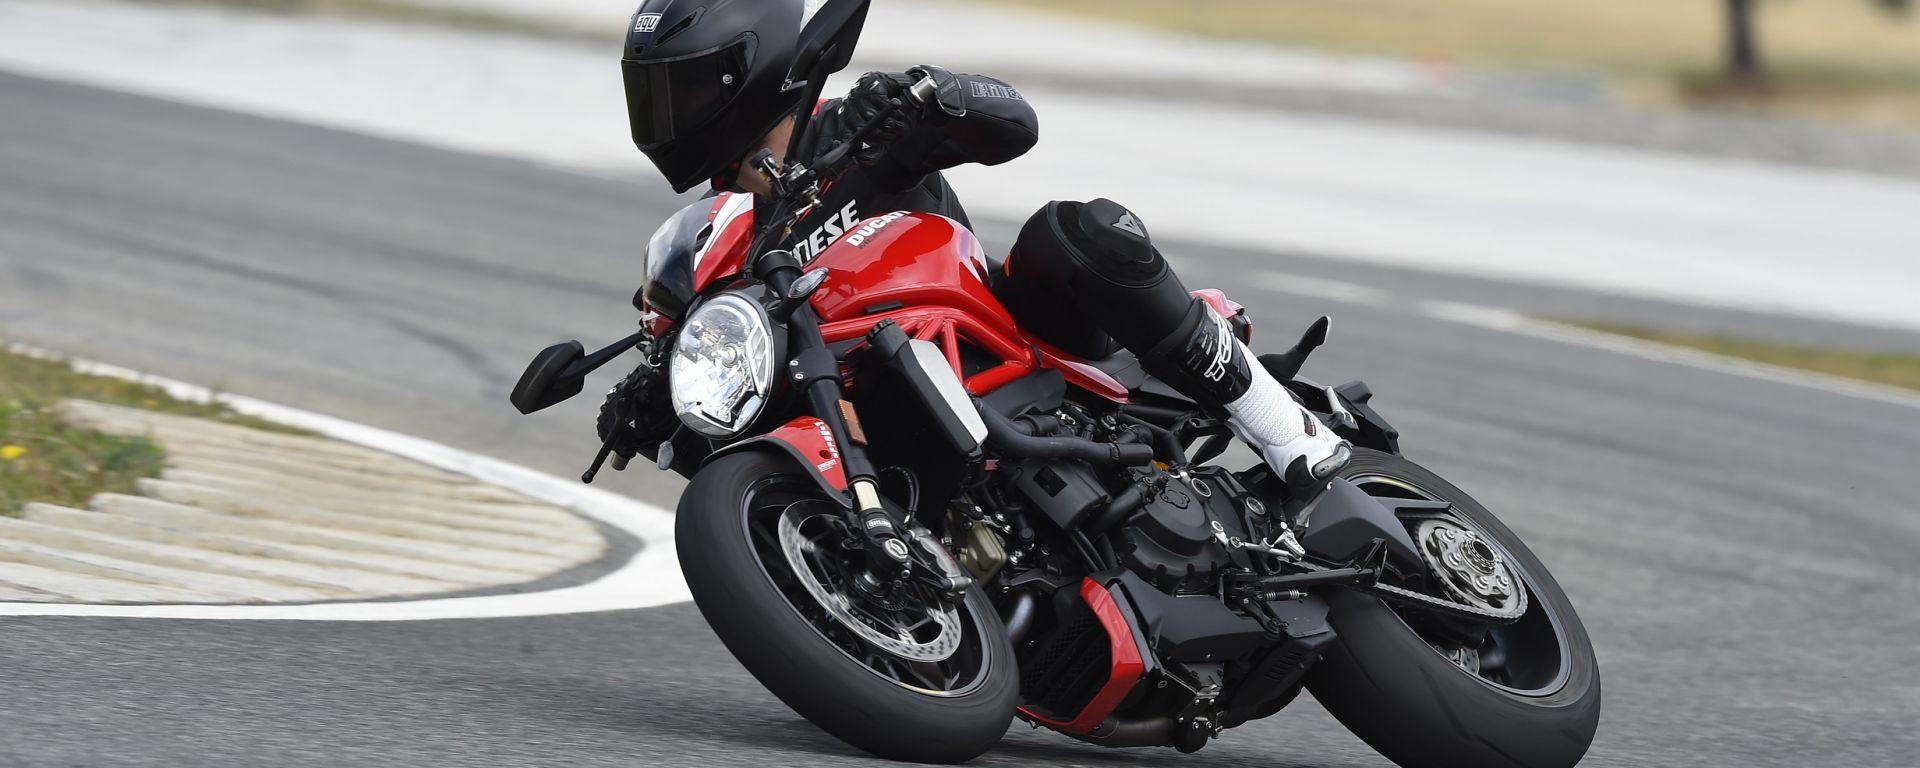 Ducati Monster 1200 R: guarda il video